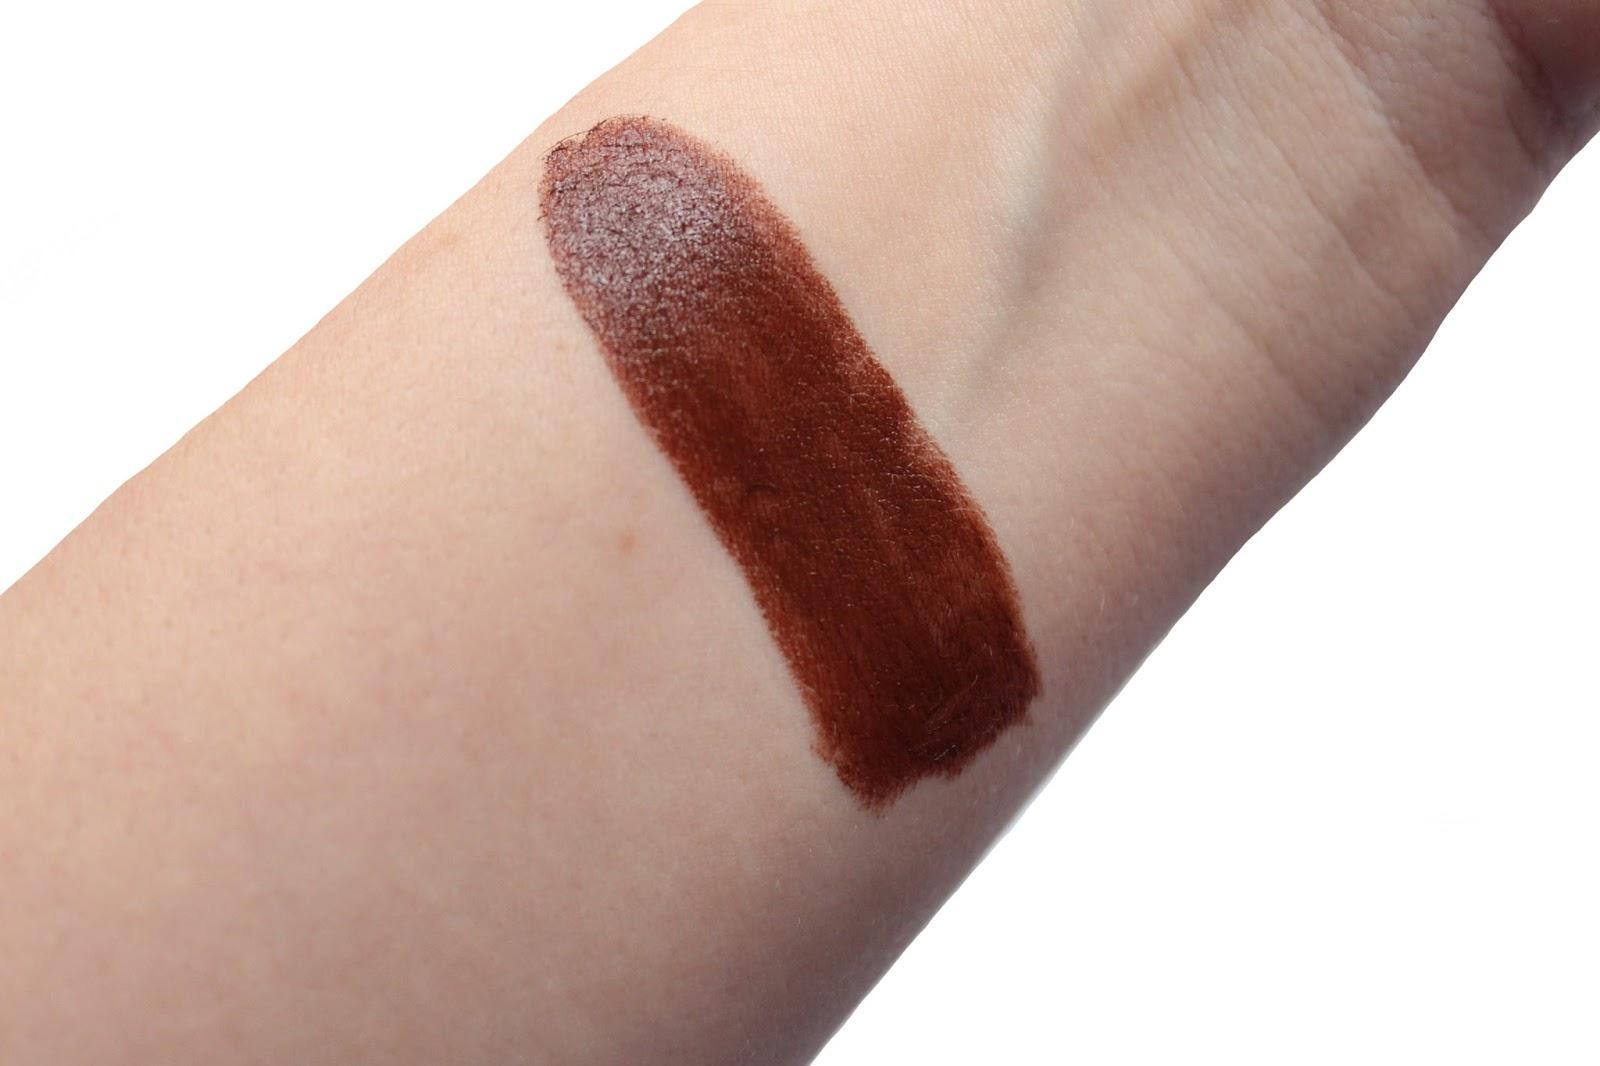 Elizabeth Arden 45 Chocolate Matte Lipstick Swatched